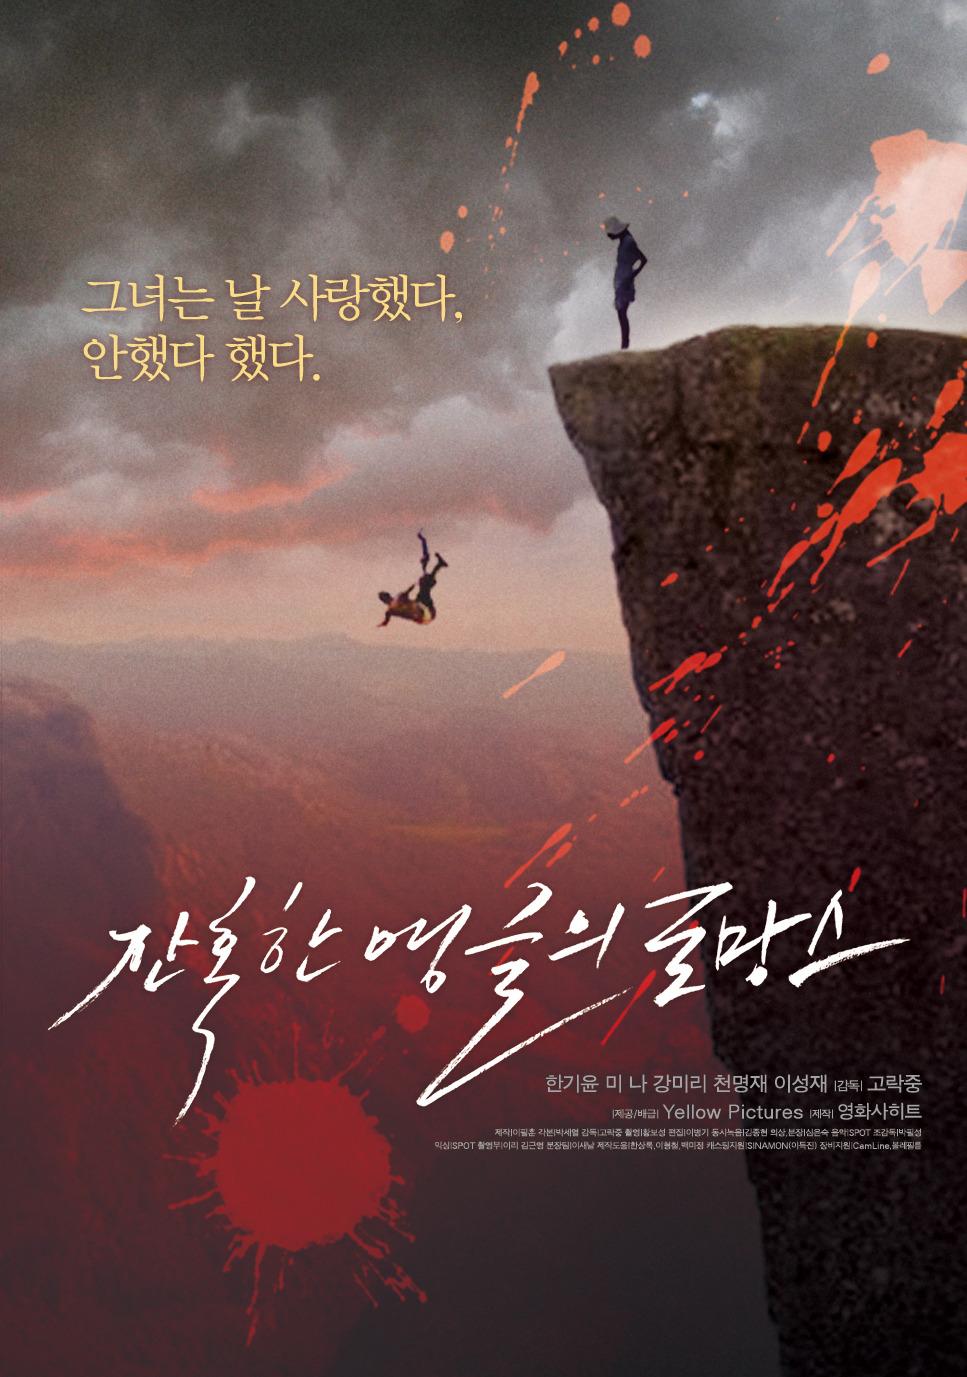 잔혹한 앵글의 로망스 (2012)